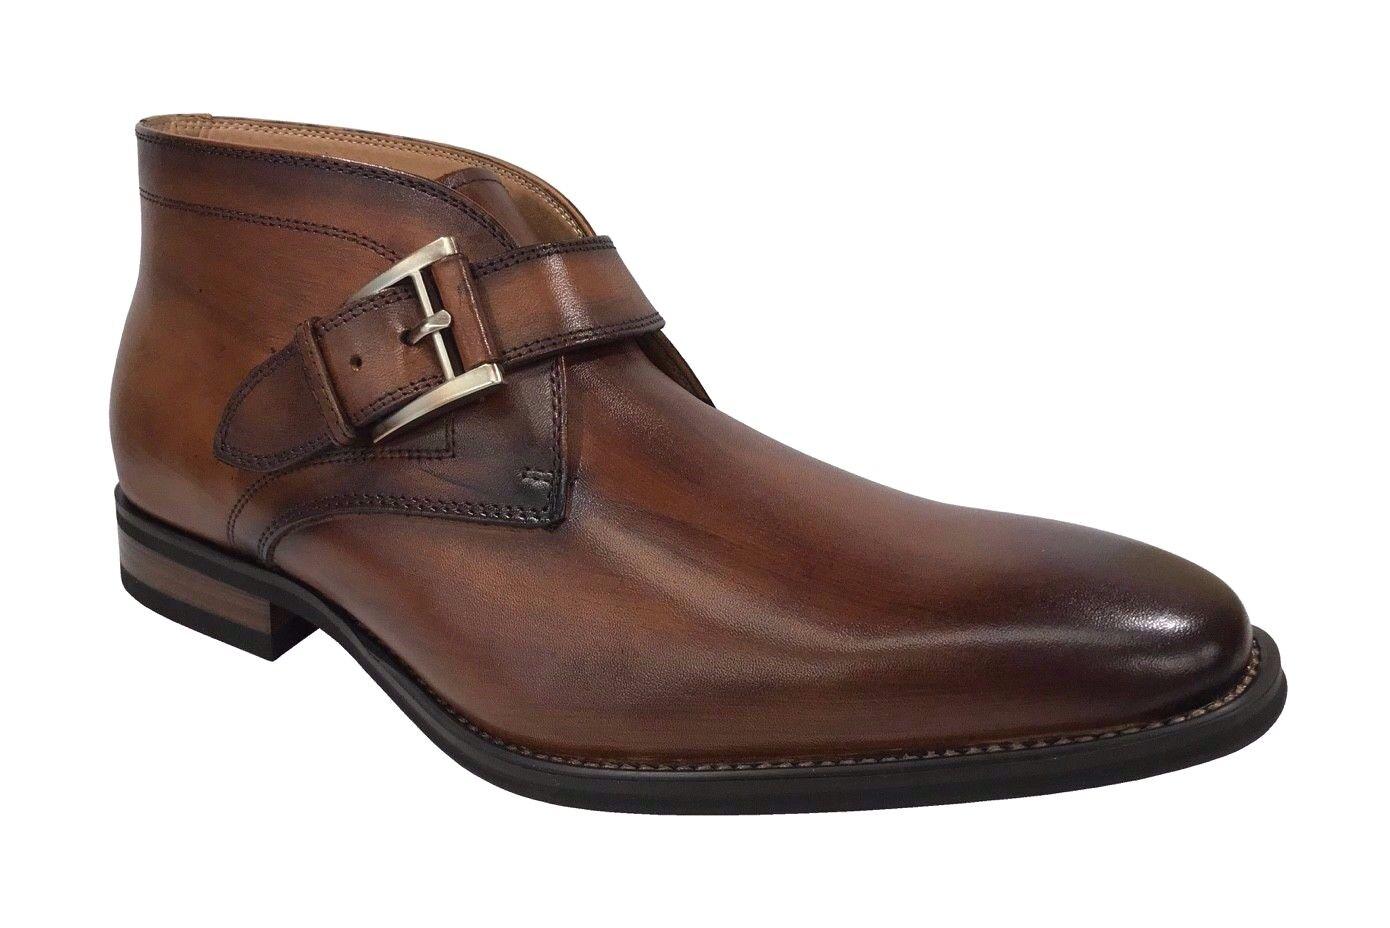 grandi risparmi La Milano Uomo Monk Strap Strap Strap Cognac Dress stivali B51717  garanzia di credito